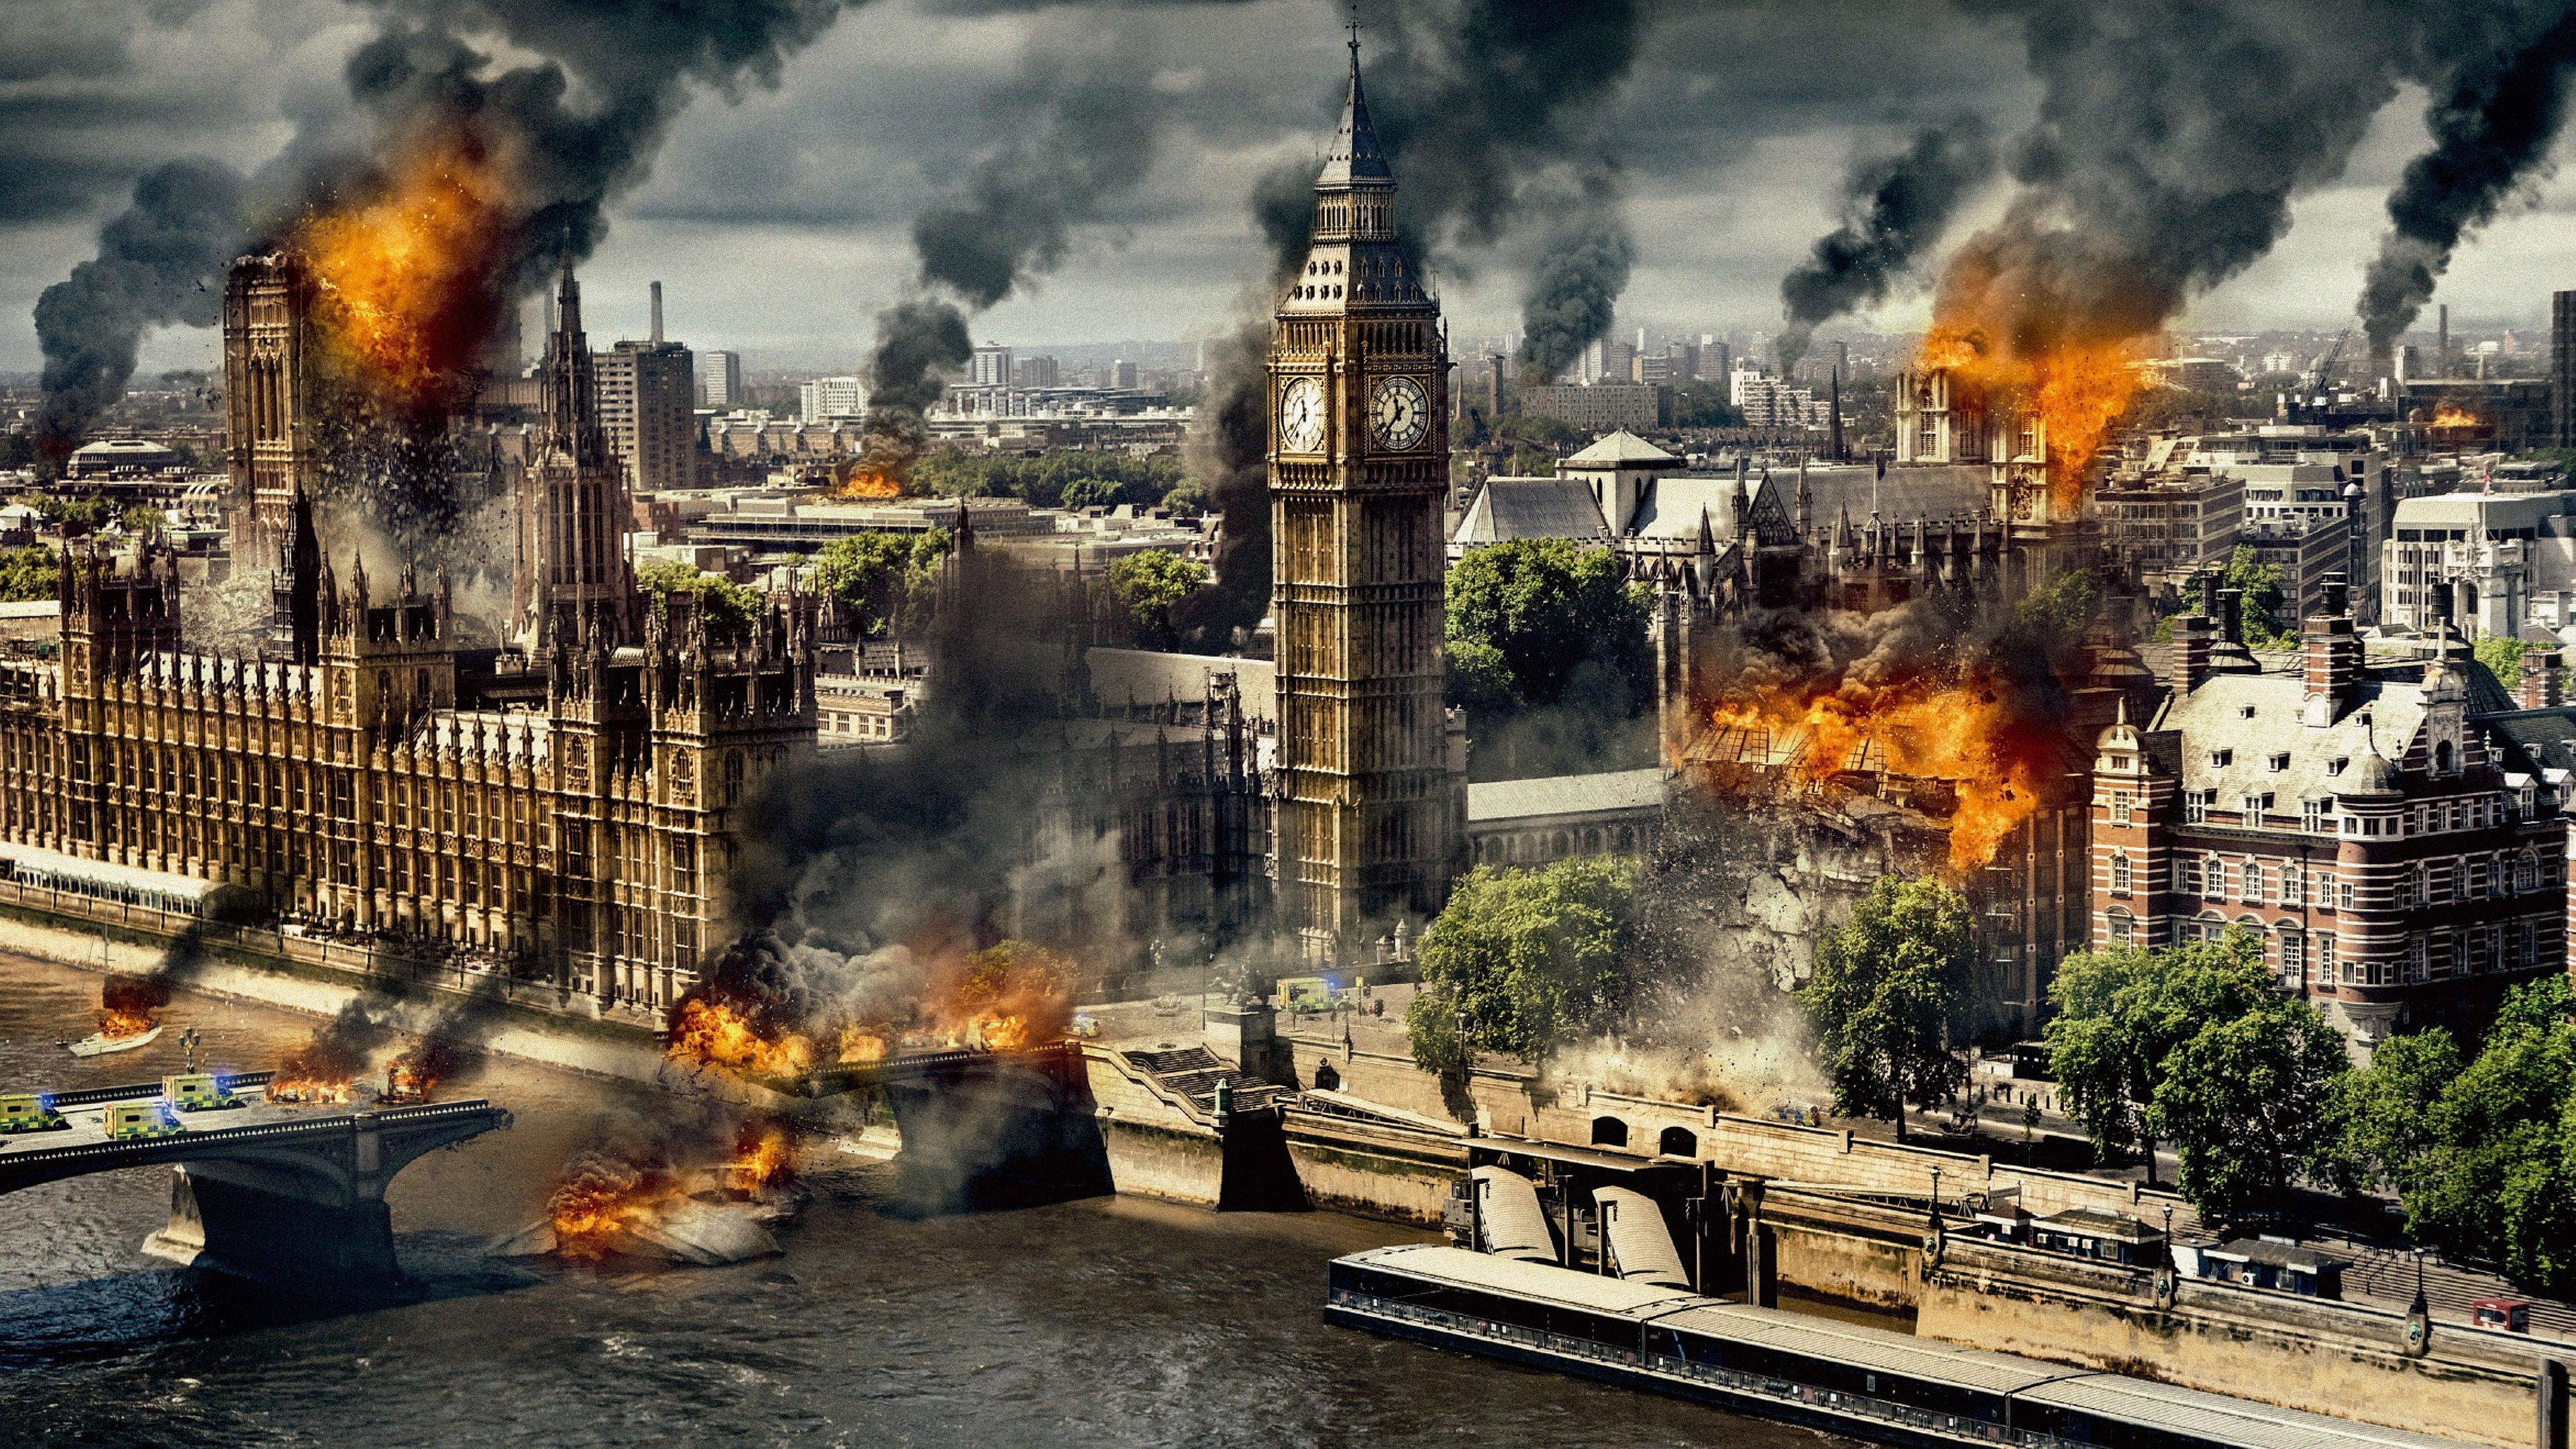 London Has Fallen backdrop